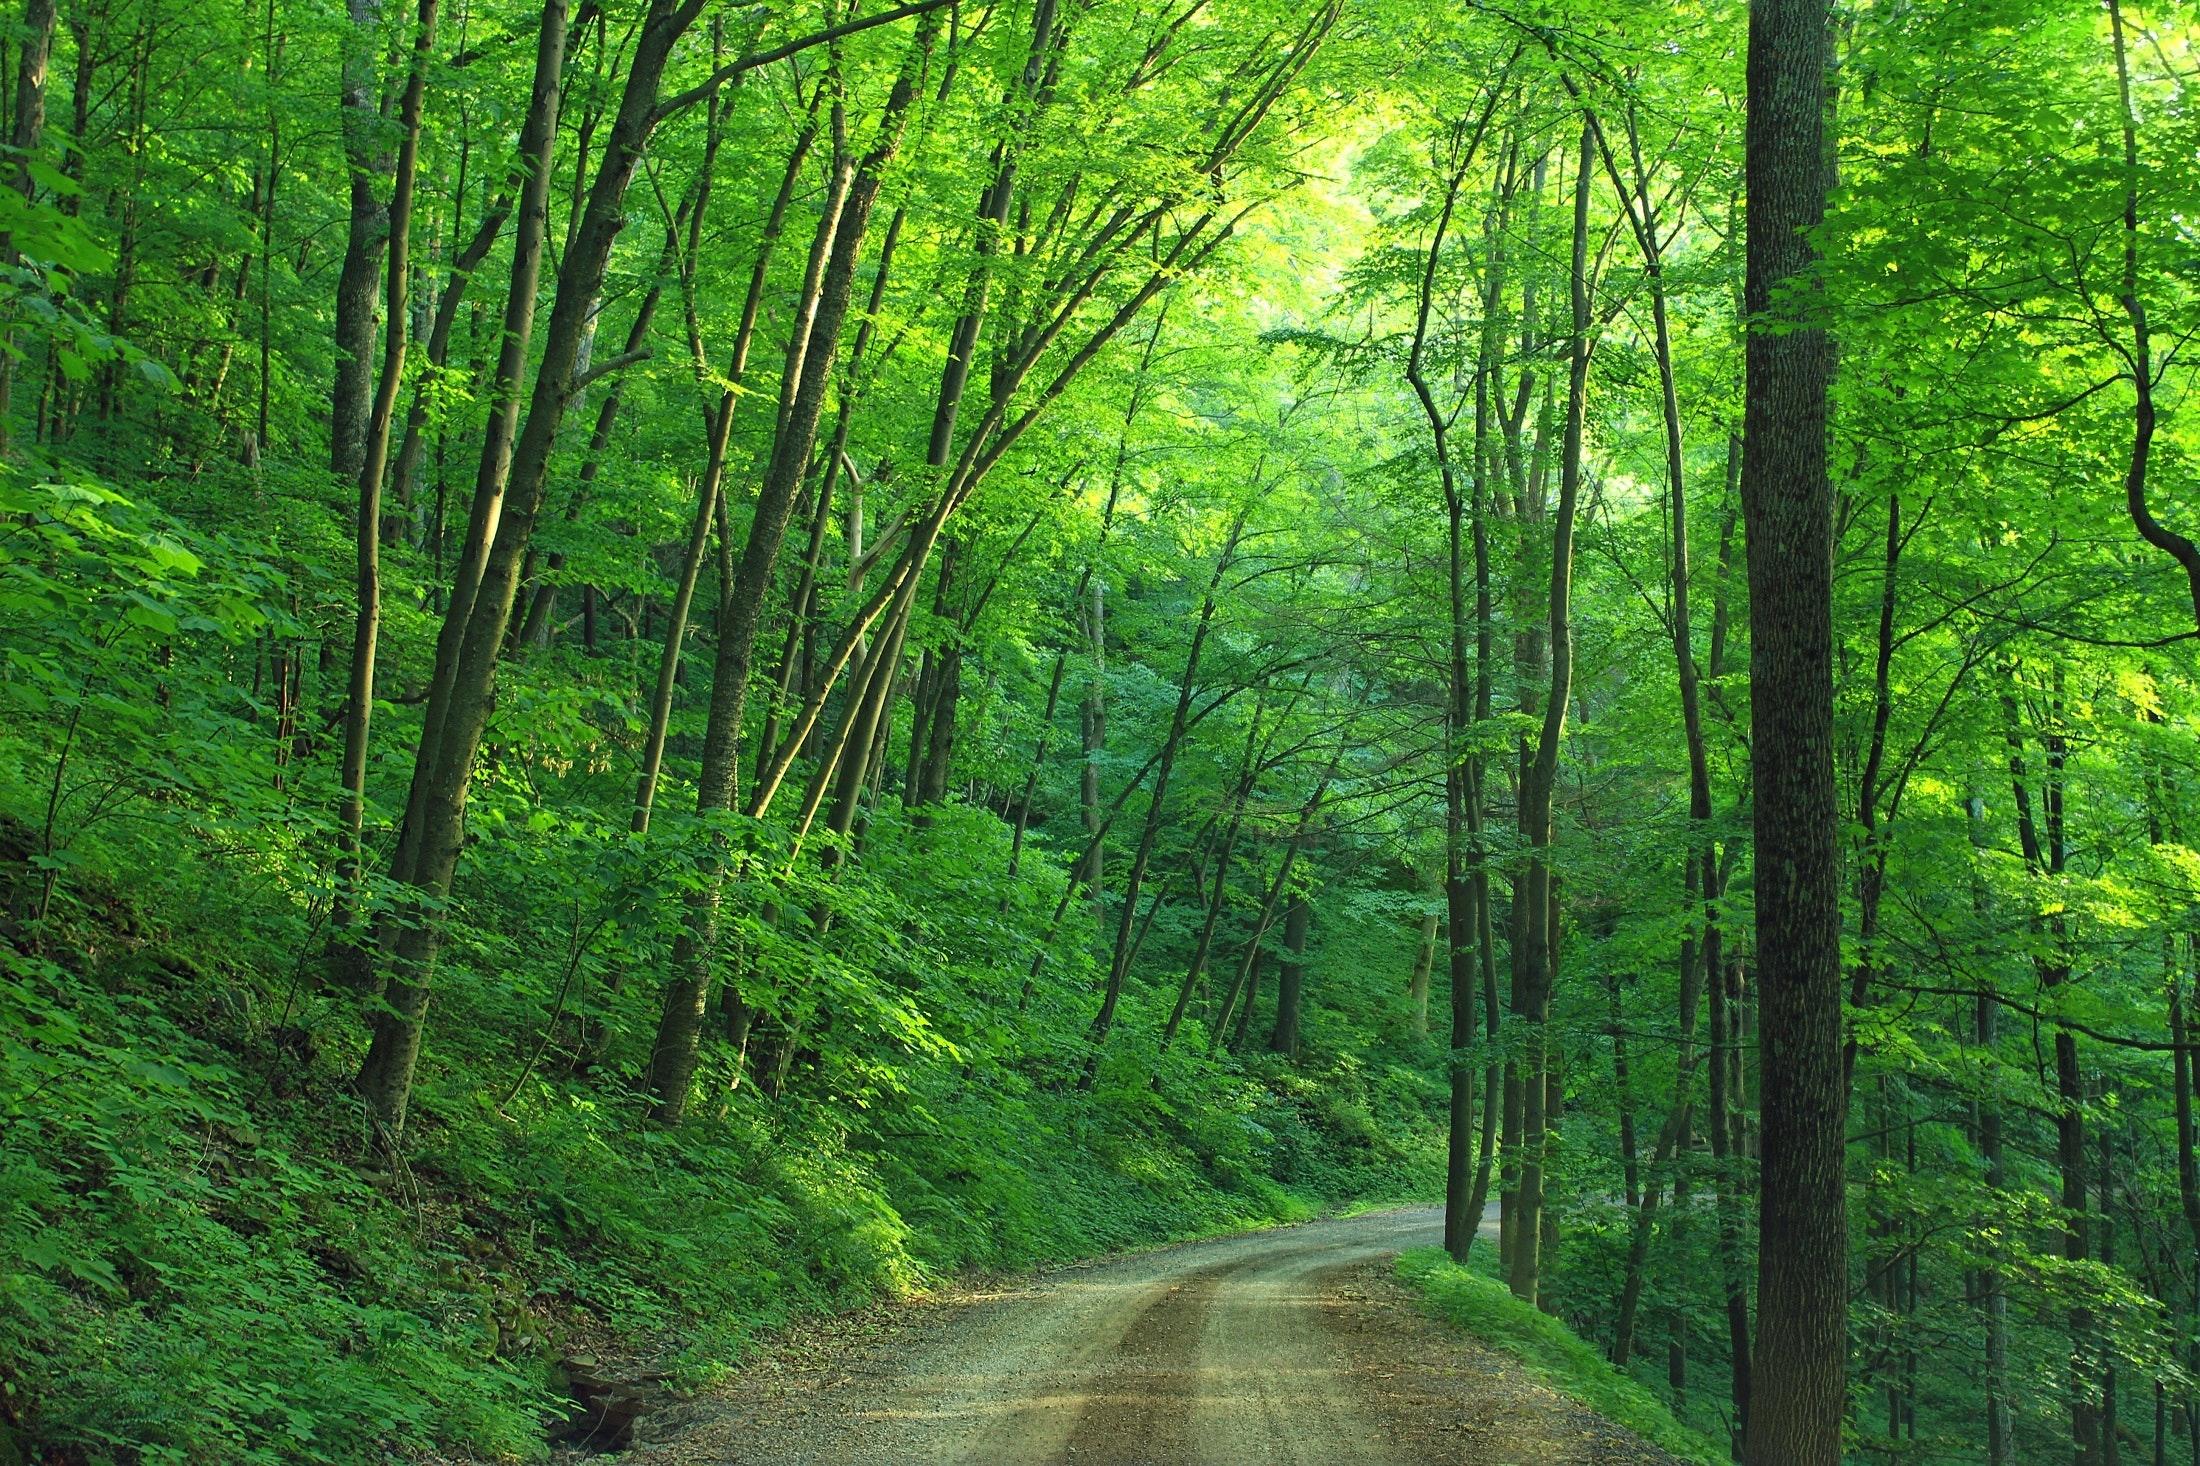 1000+ Great Woods Photos · Pexels · Free Stock Photos